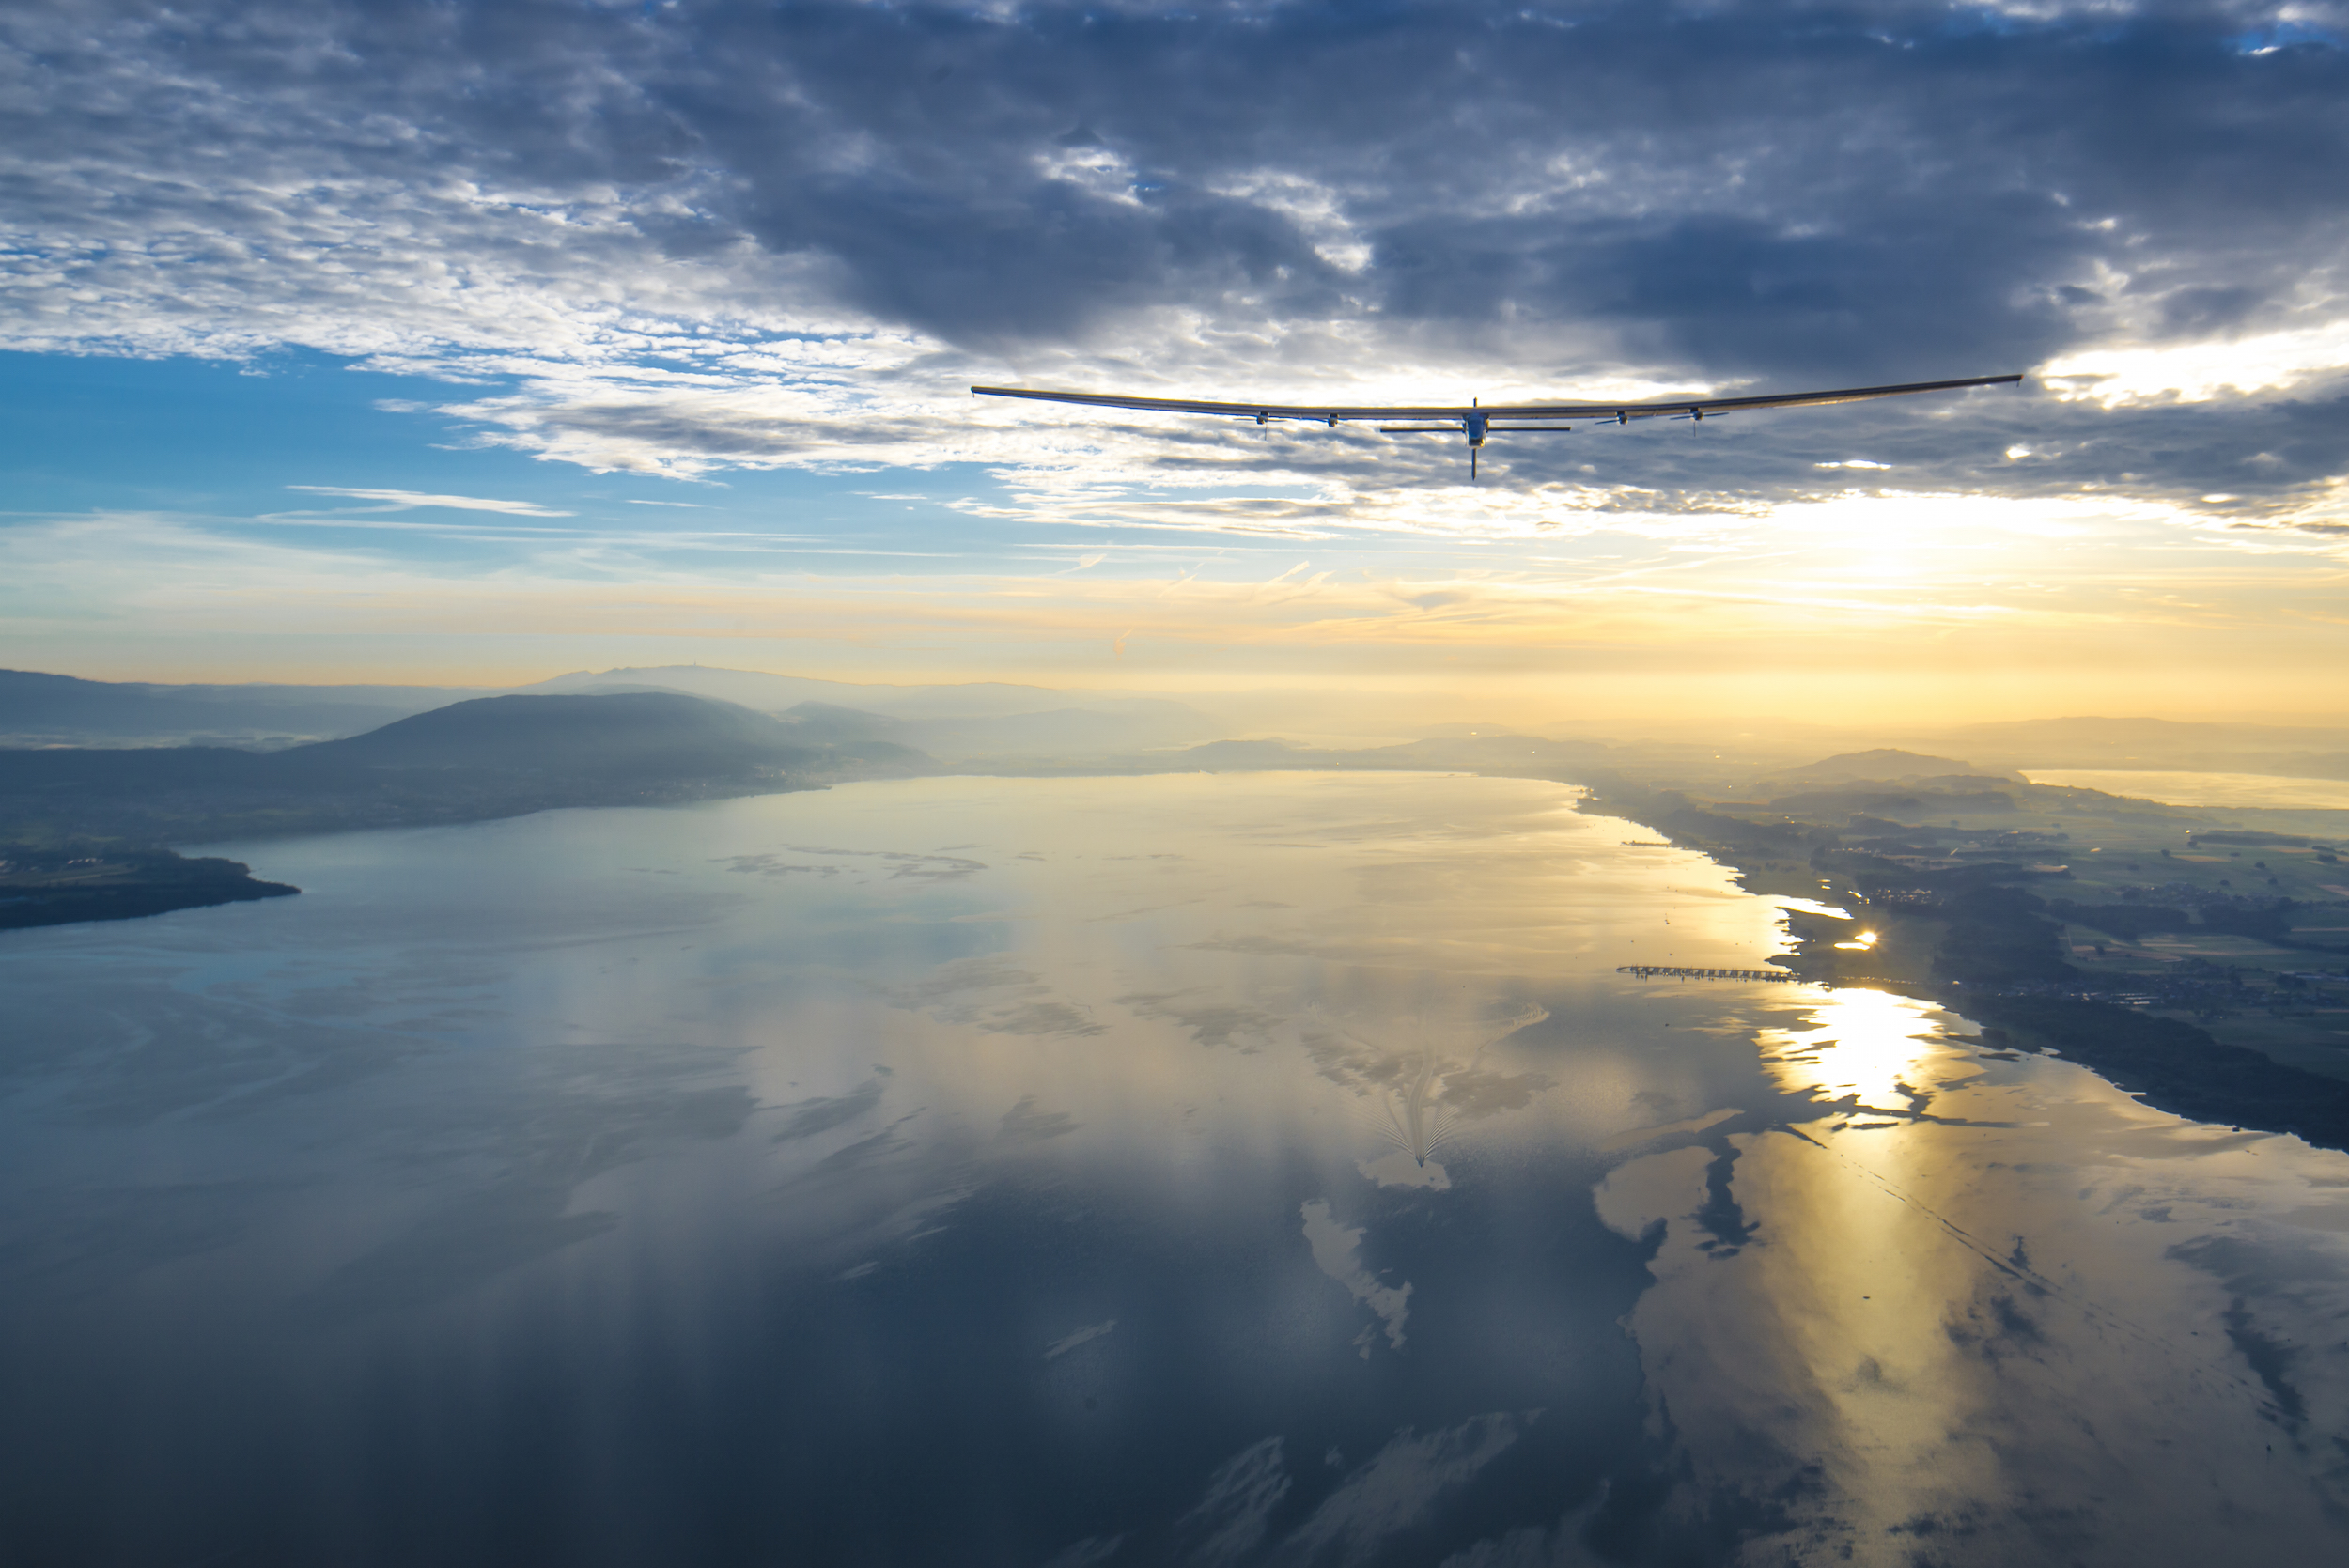 Solar Impulse 2 second flight